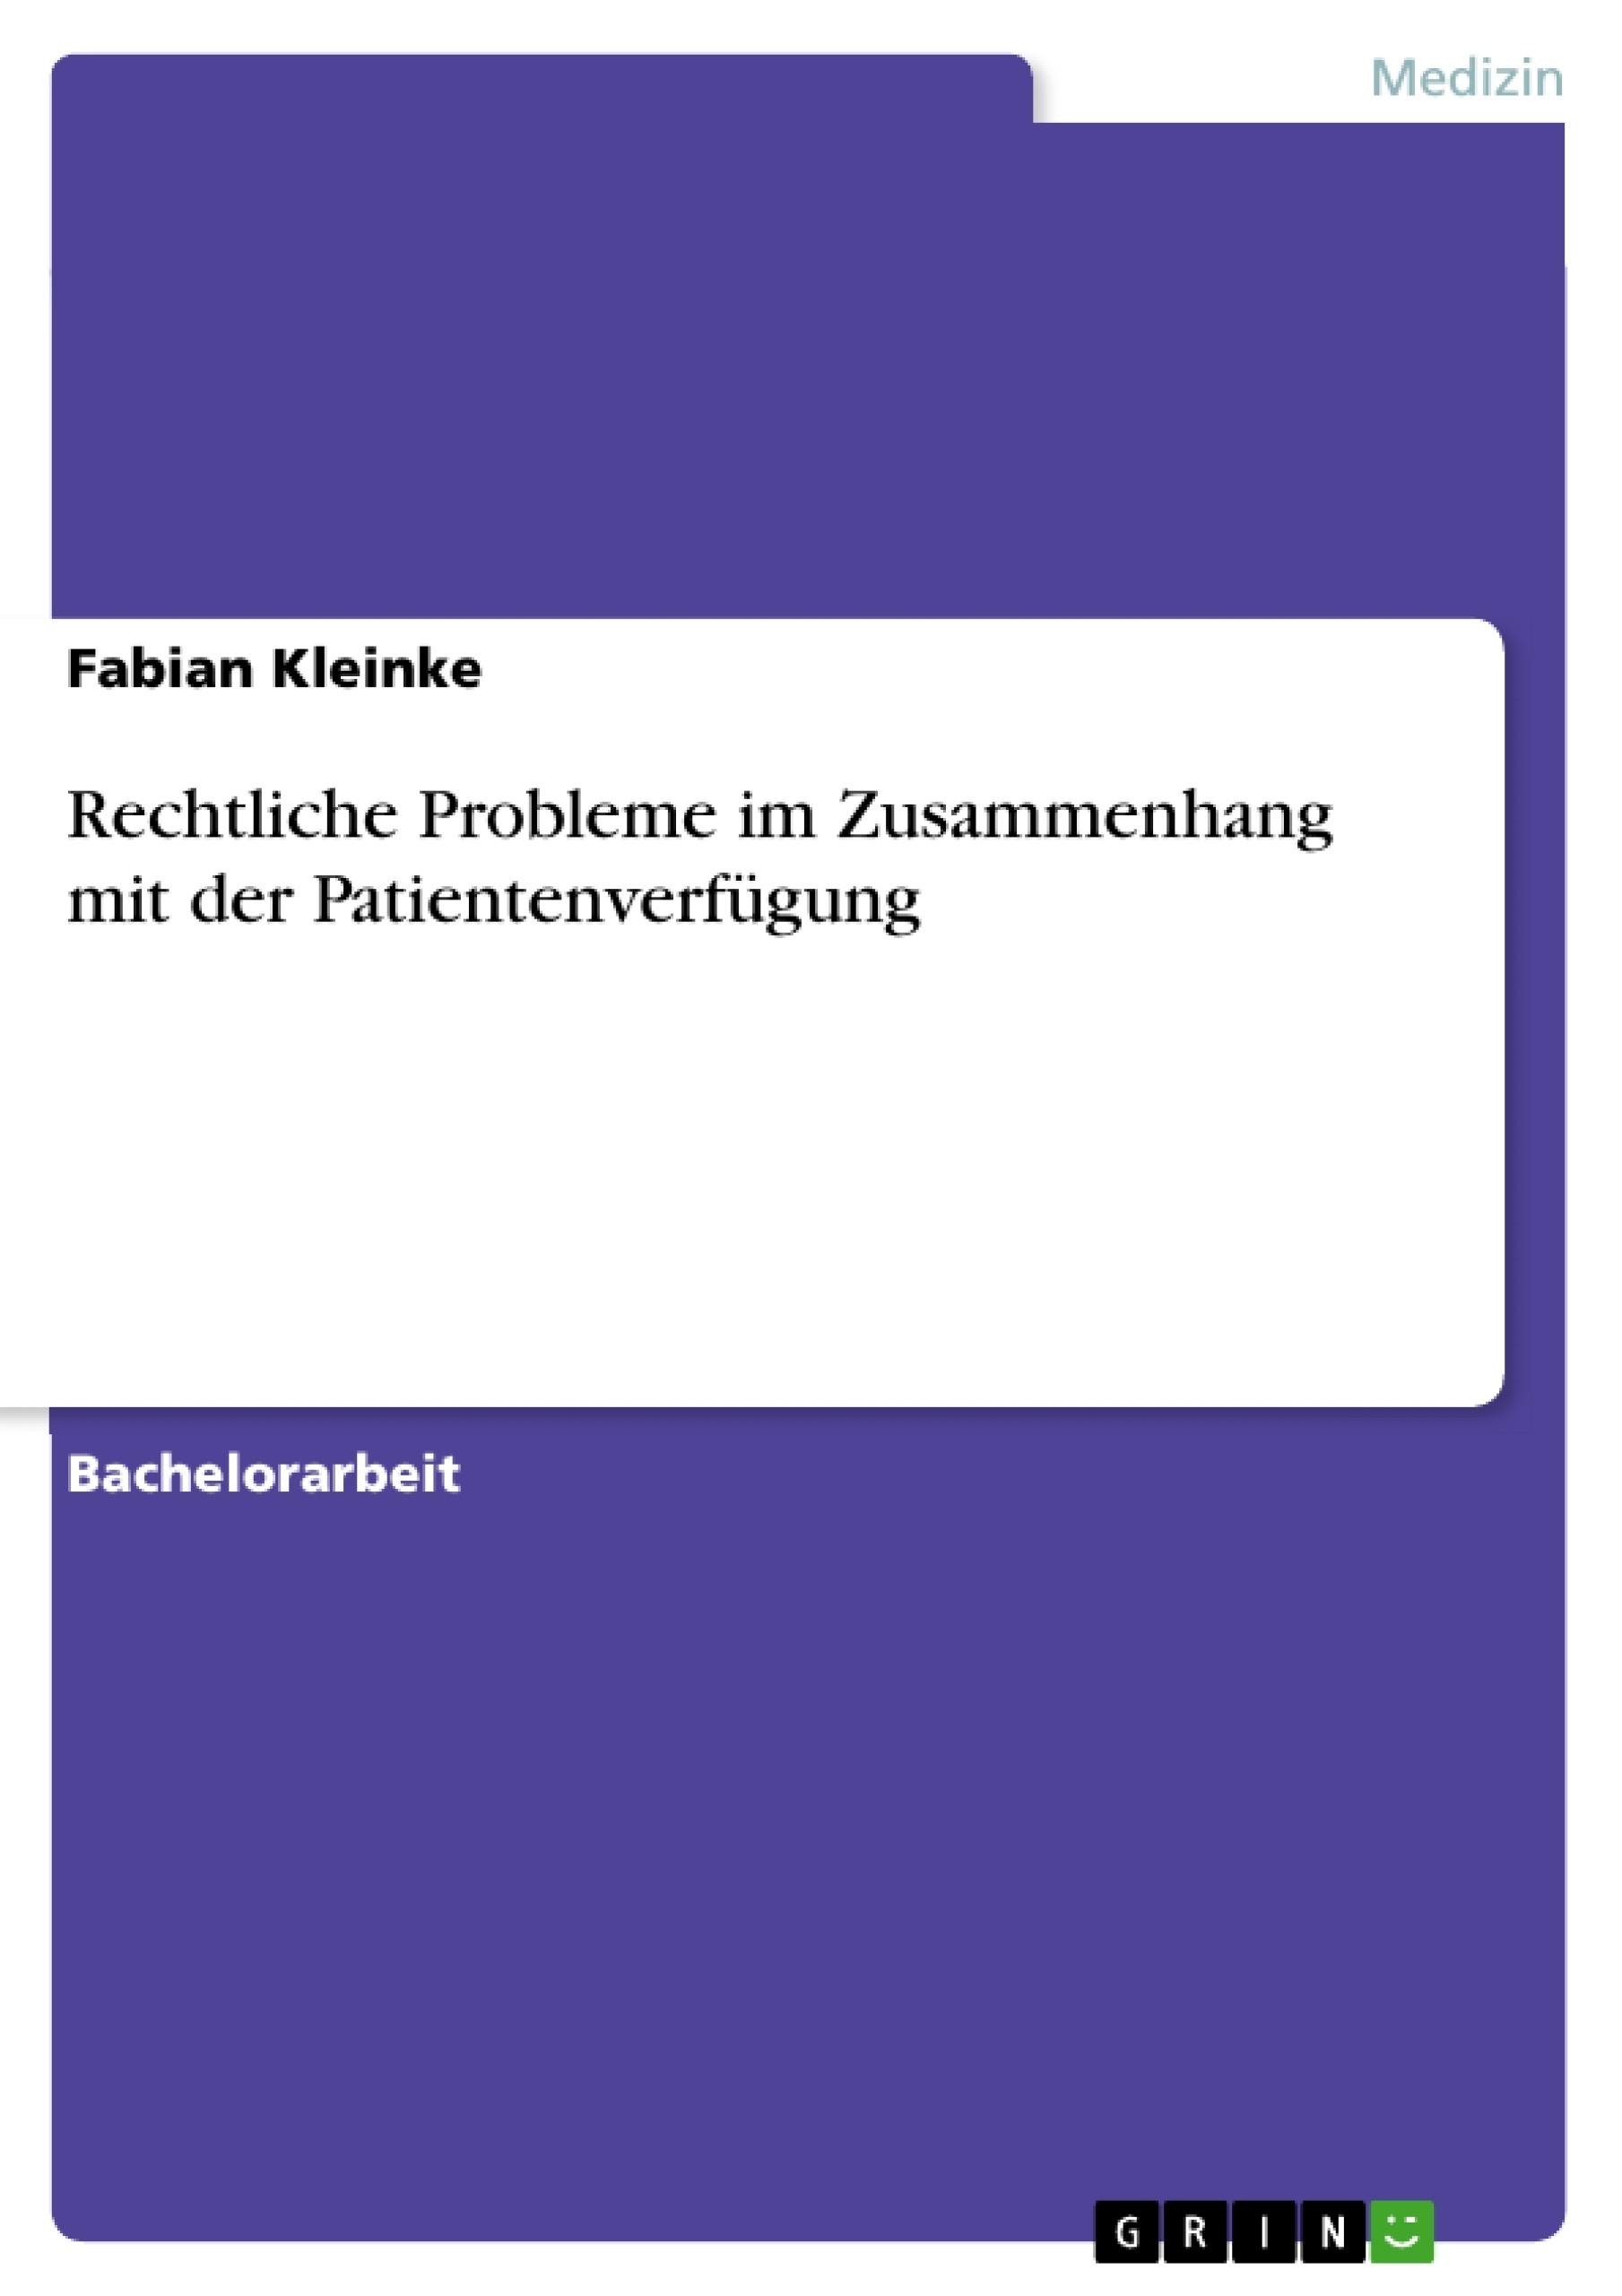 Titel: Rechtliche Probleme im Zusammenhang mit der Patientenverfügung